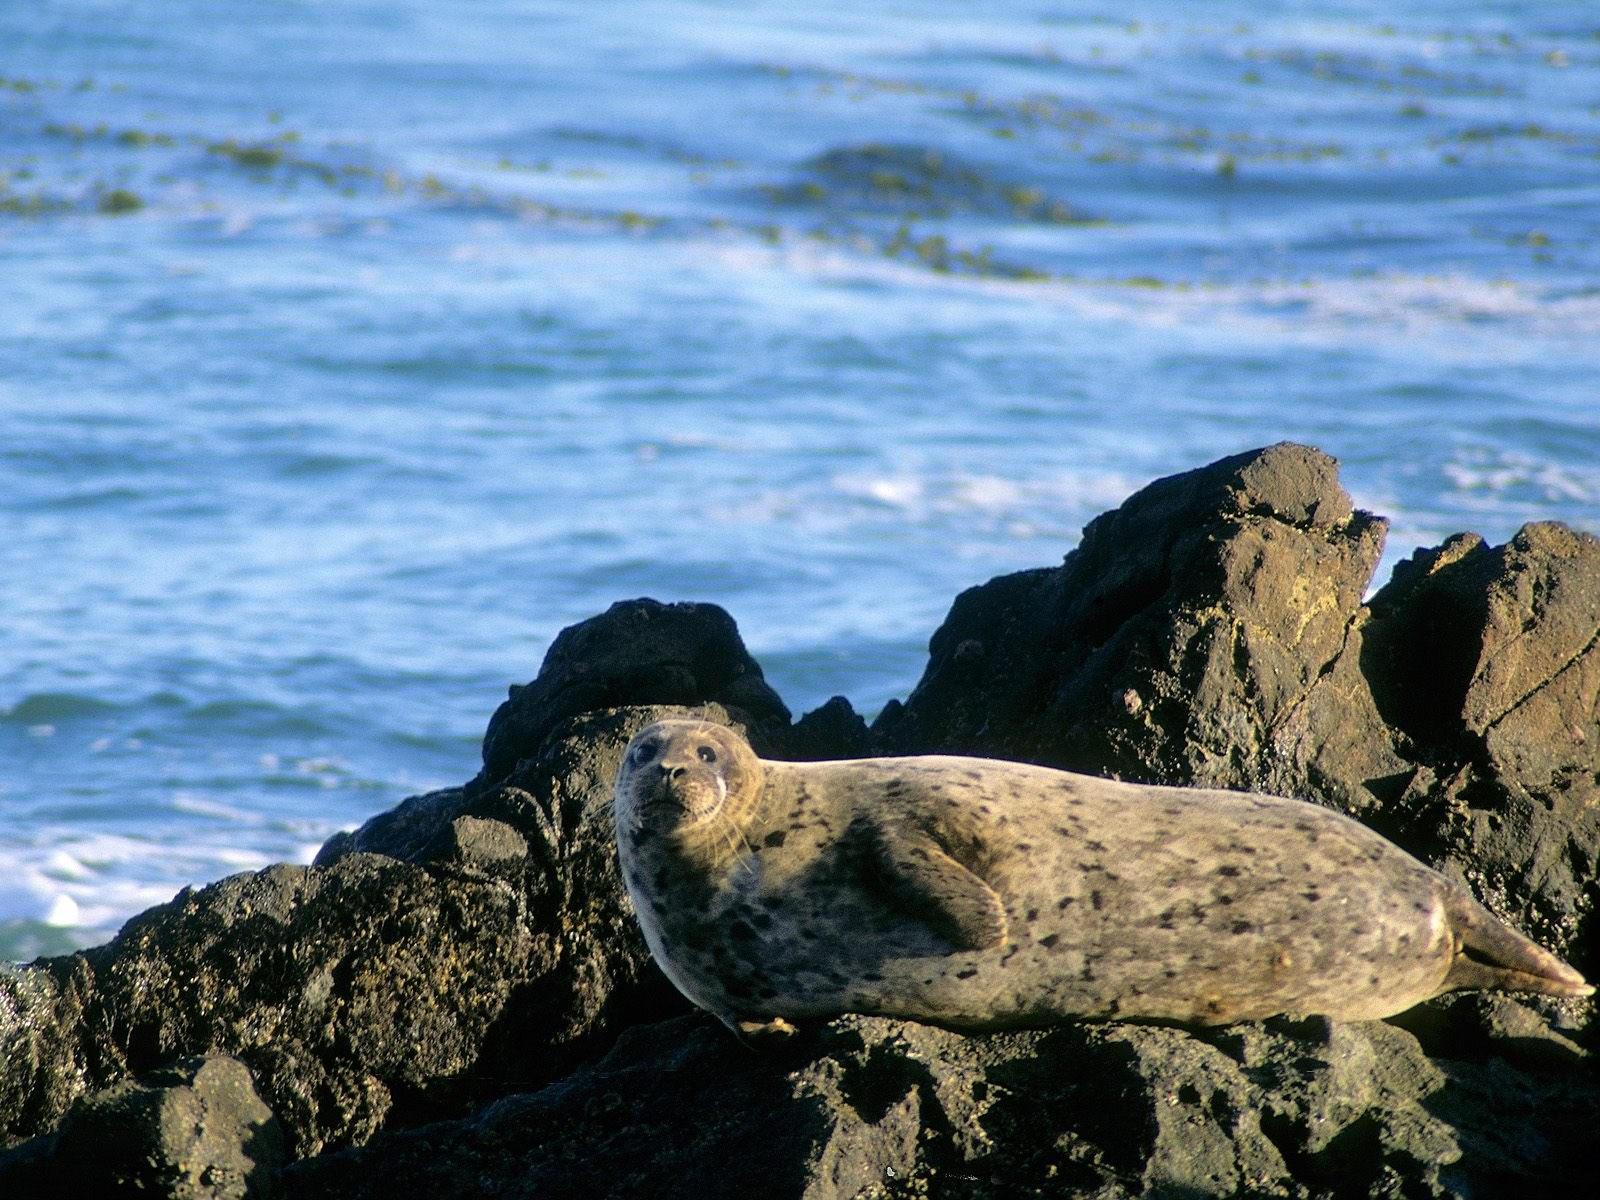 Большой тюлень на камнях